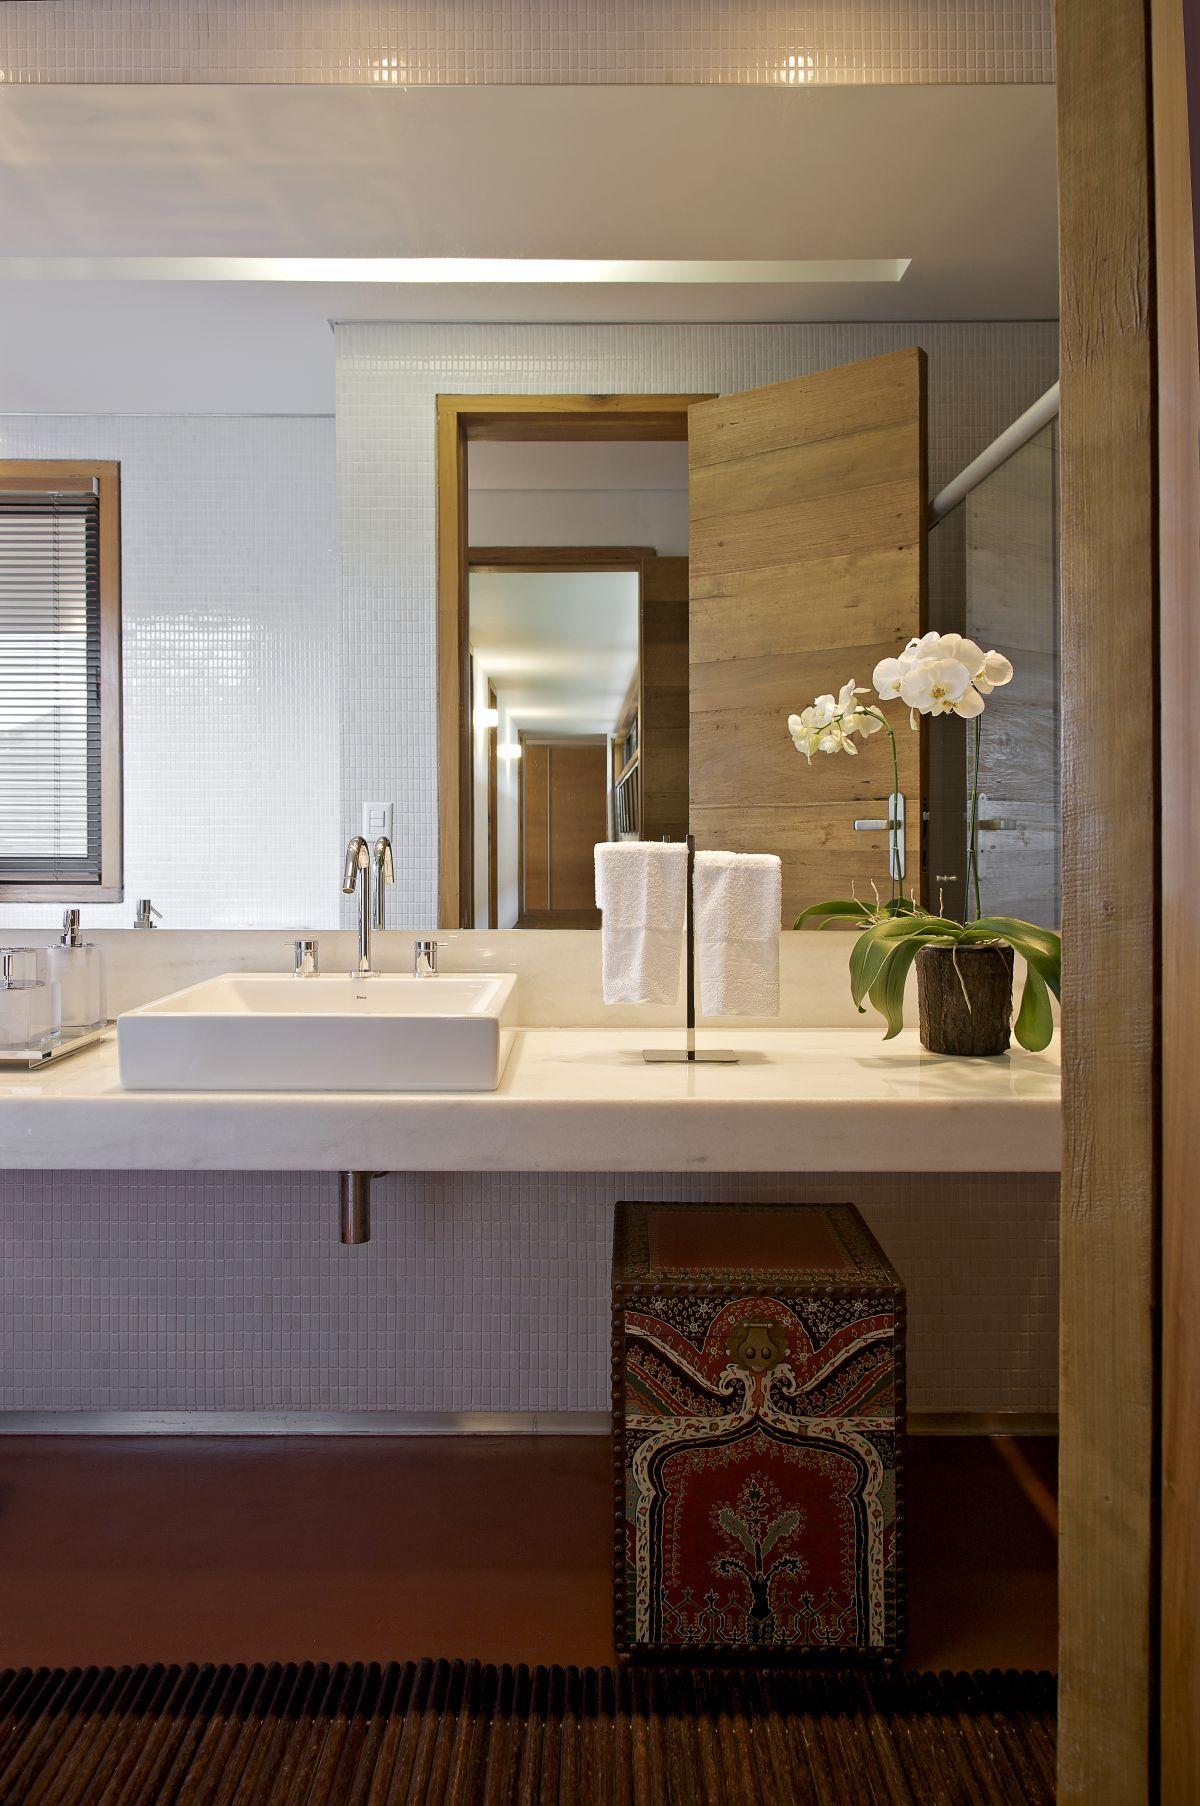 Badezimmer ideen 2018 bilder  fabelhafte badezimmerdesignideen  einrichtung in